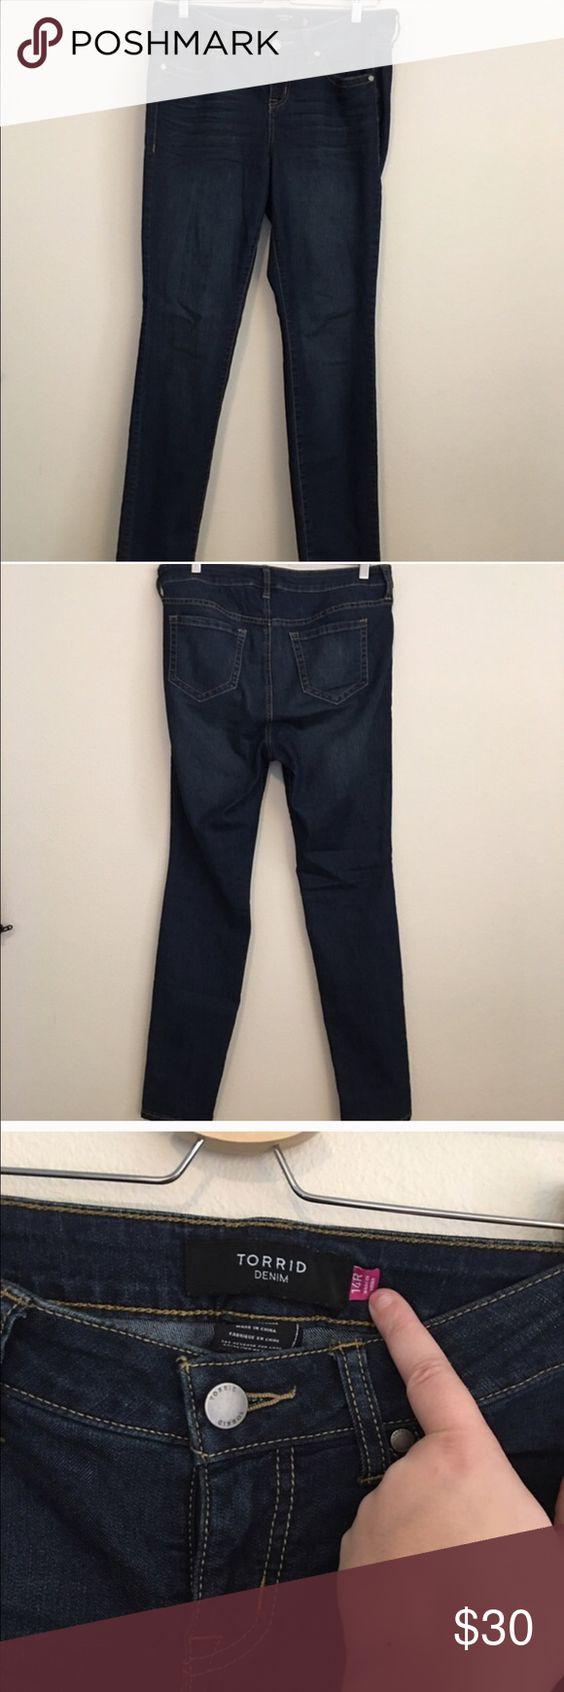 Torrid Dark Blue Jeans Torrid Dark Blue Jeans, size 14. Brand new, never worn. torrid Jeans